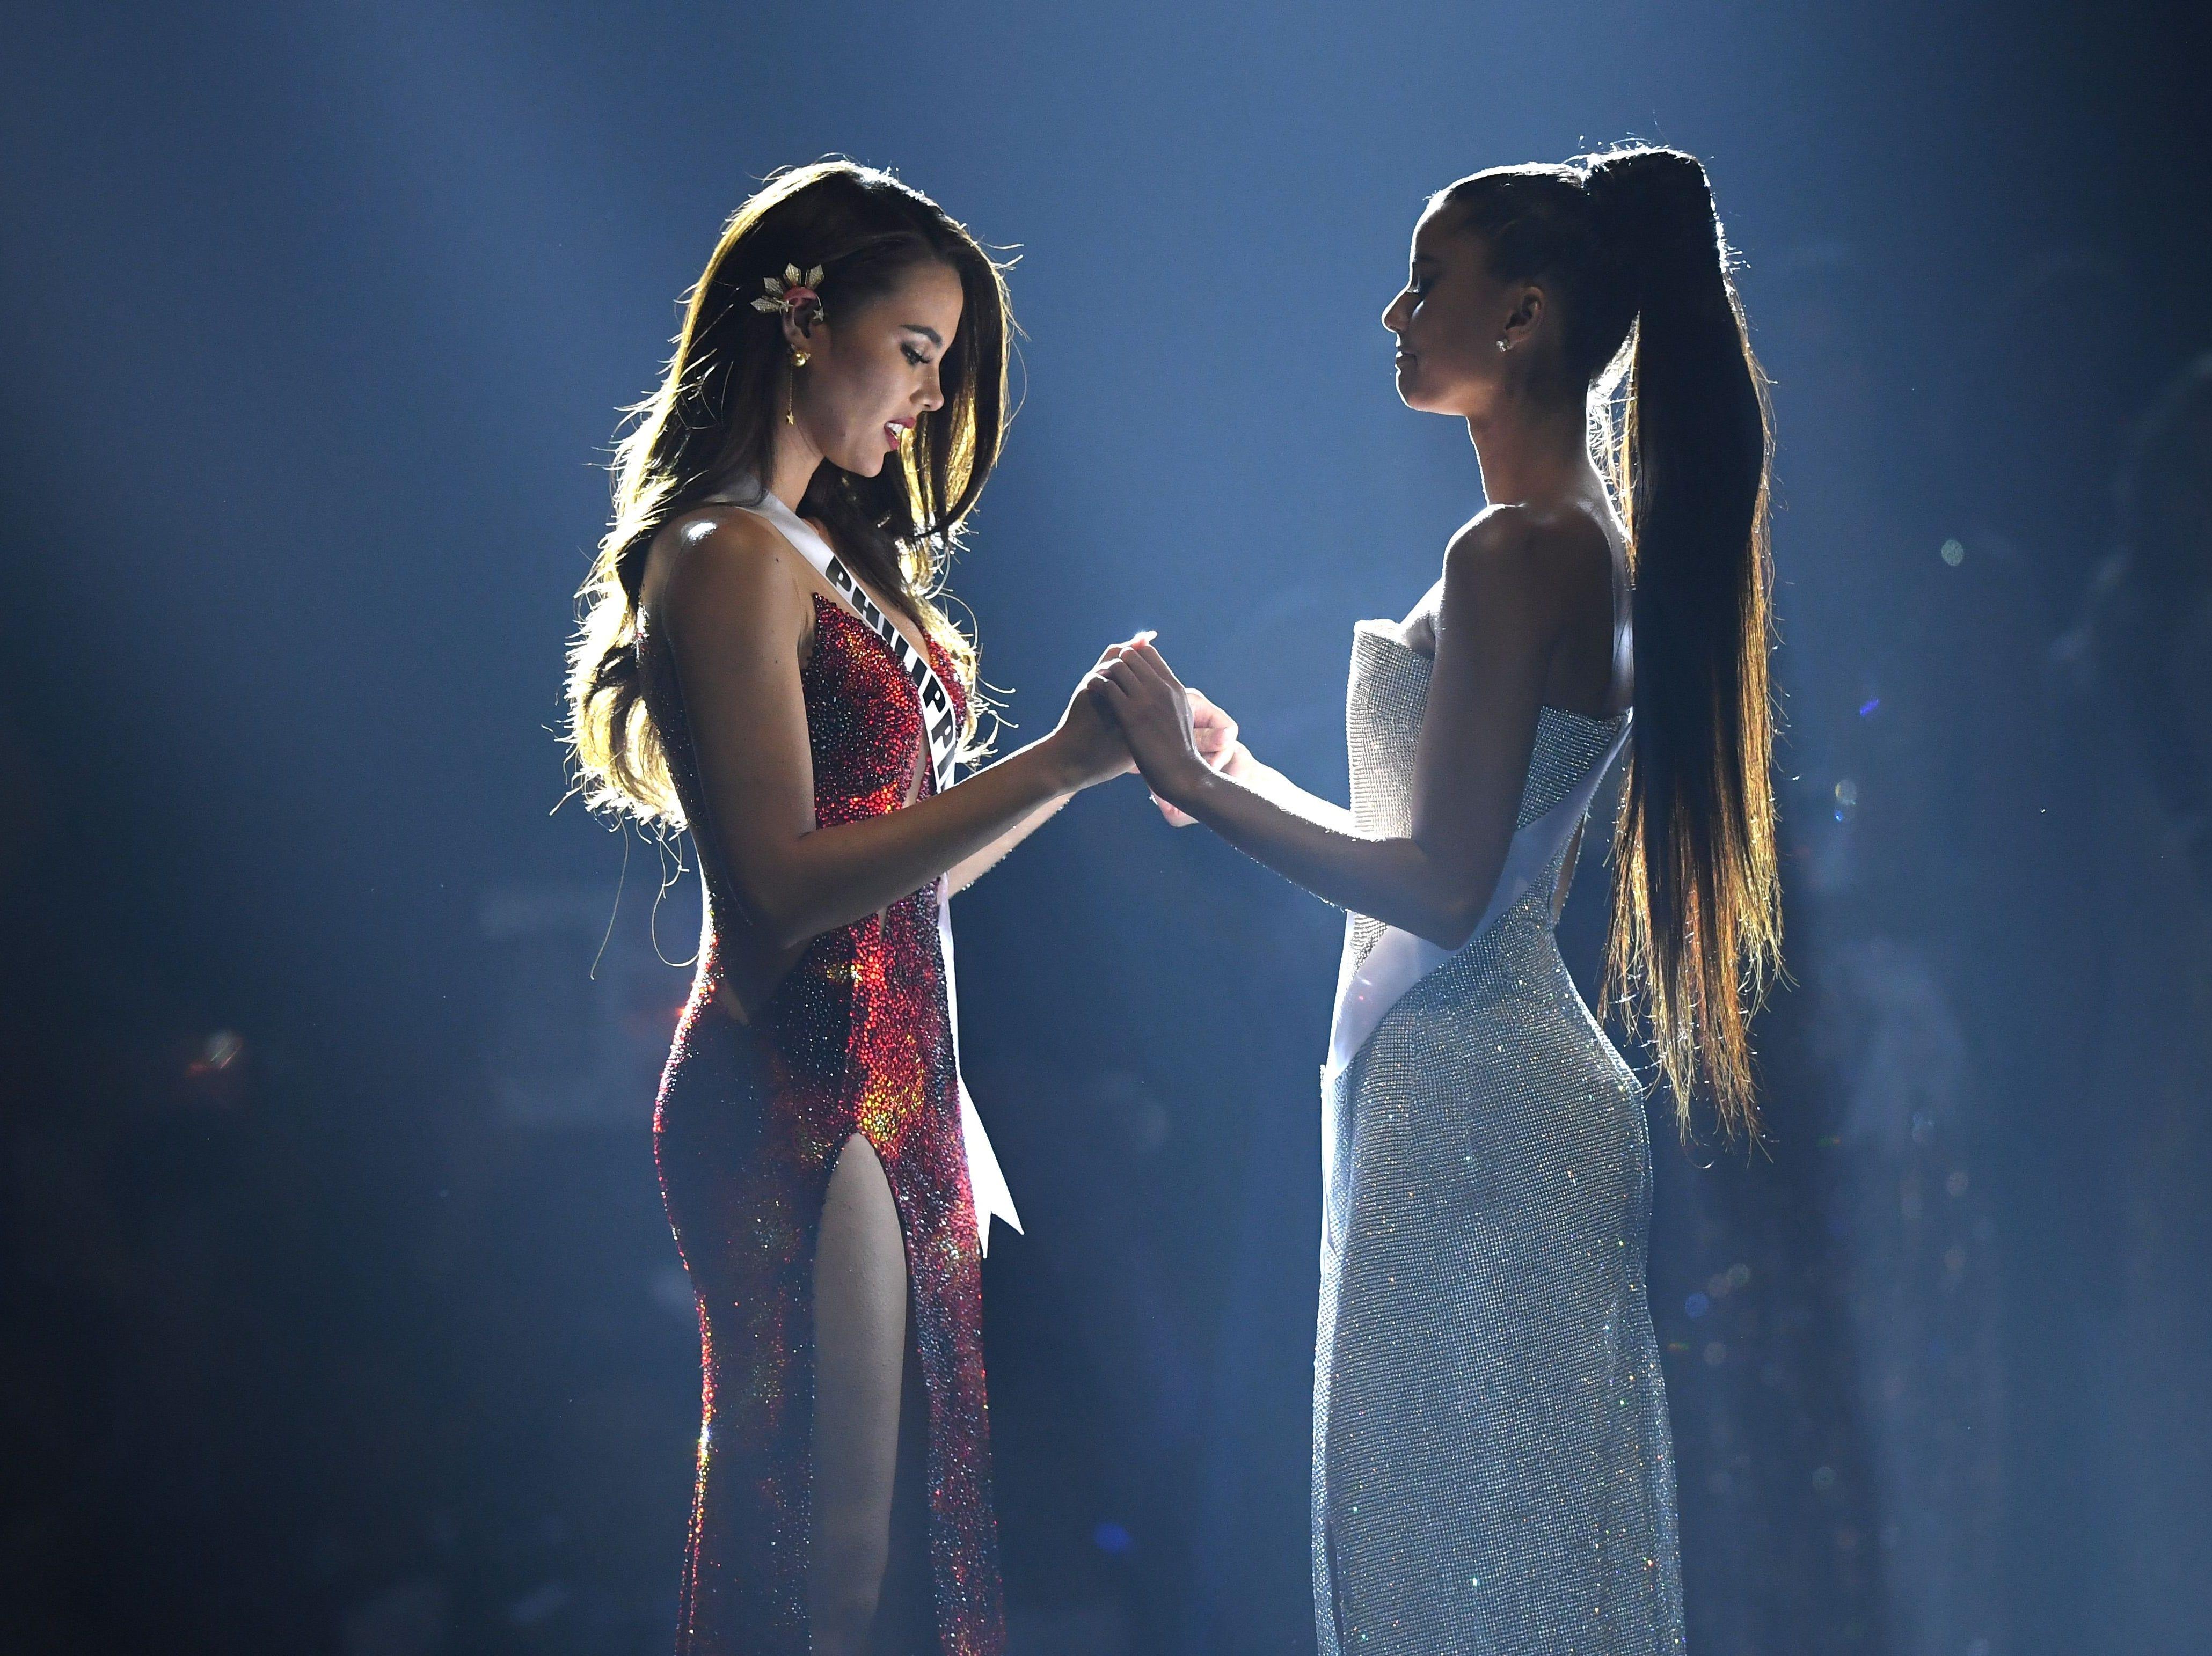 Las dos finalistas principales, Catriona Grey de Filipinas (izq) y Tamaryn Green de Sudáfrica, se dan la mano mientras esperan el anuncio de la ganadora durante el concurso Miss Universo 2018 en Bangkok el 17 de diciembre de 2018.